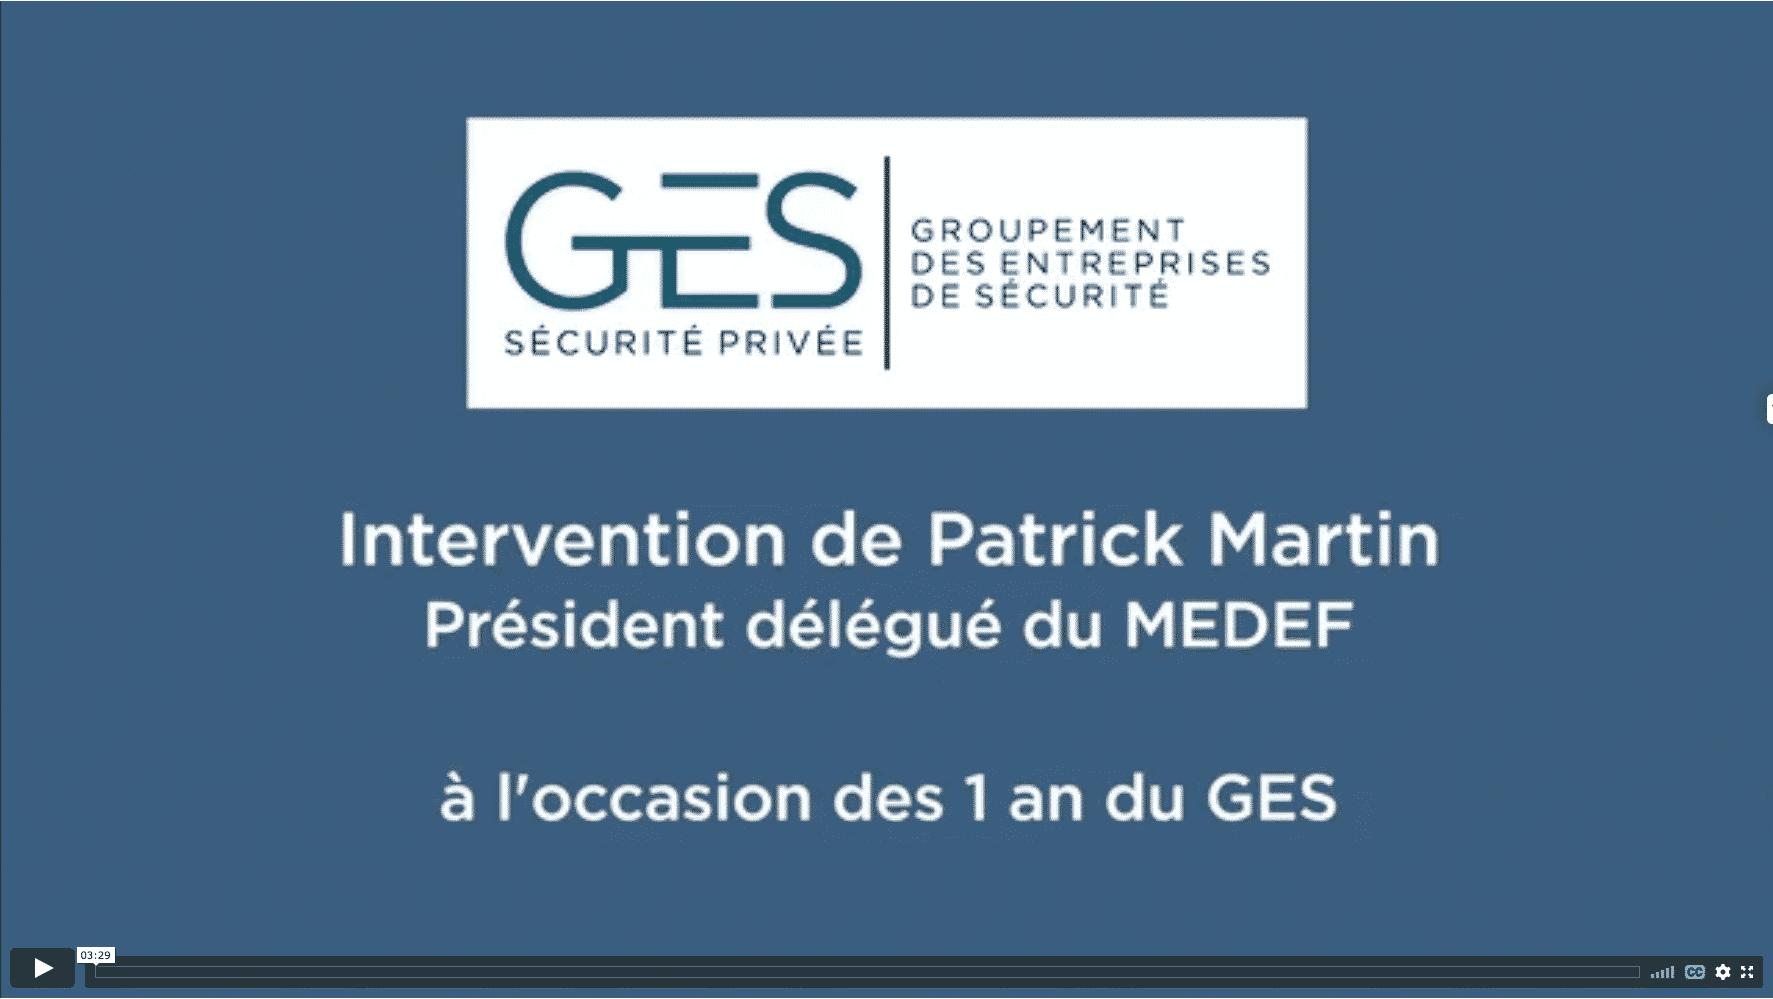 Patrick Martin - MEDEF - 1 an du GES